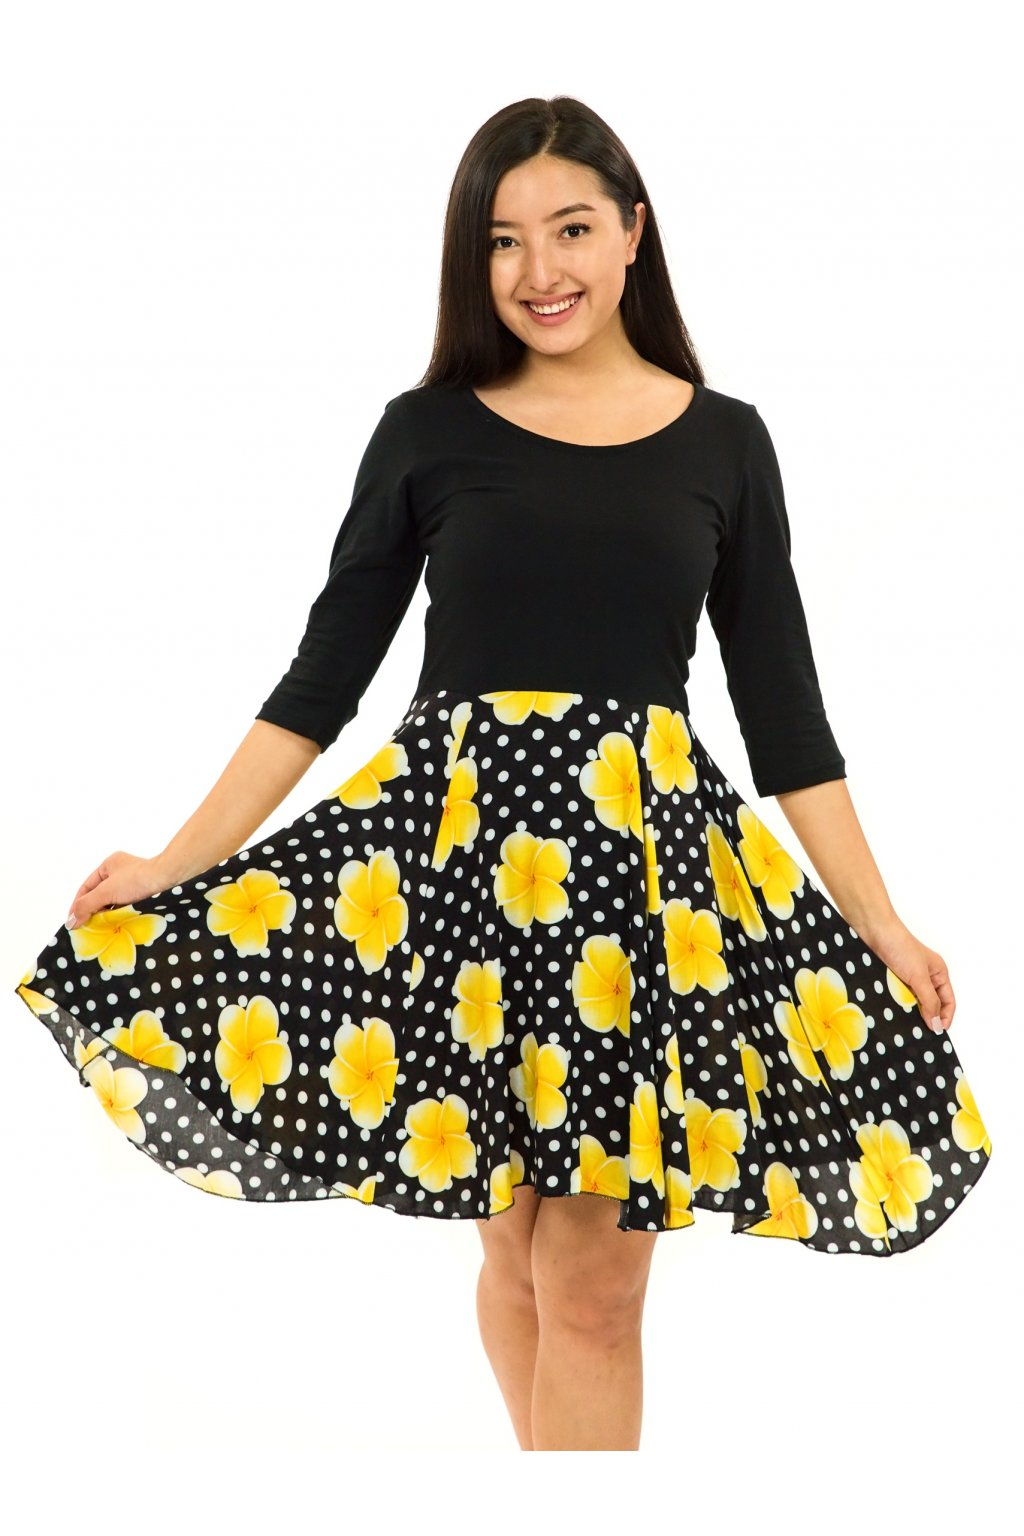 Šaty s 3/4 rukávem Plumeria - černá se žlutou